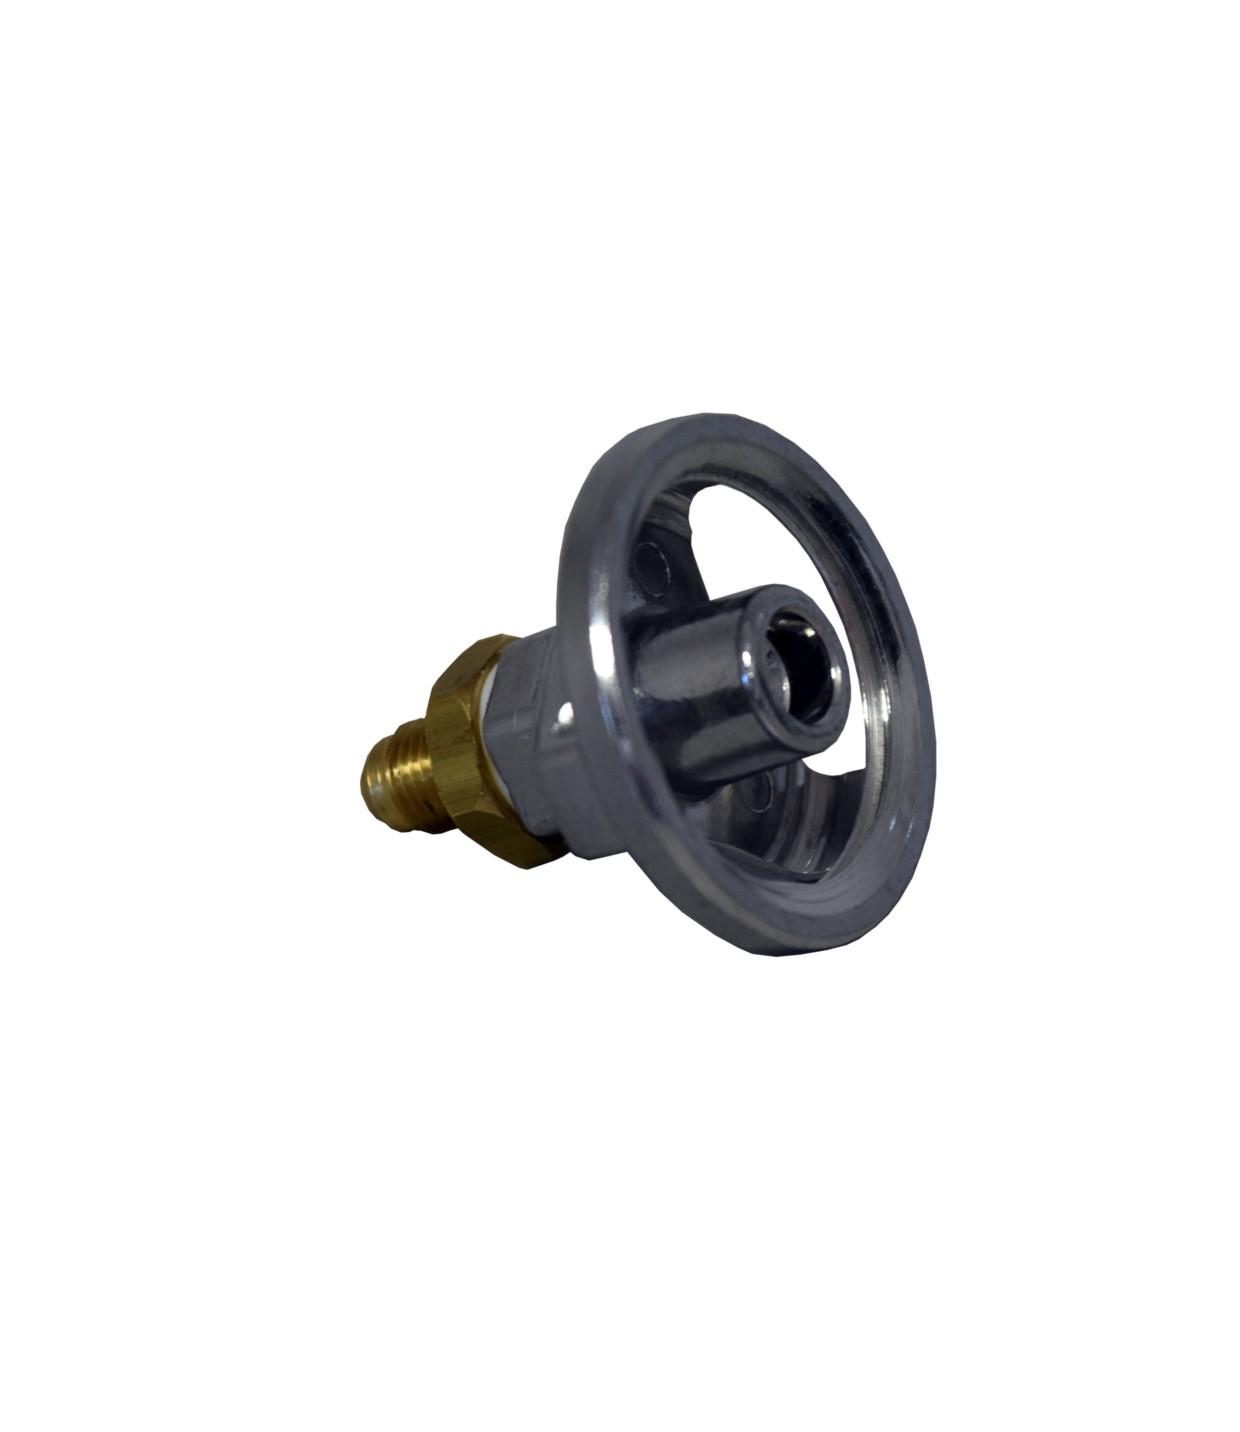 Adaptateur connection universelle pour tuyaux